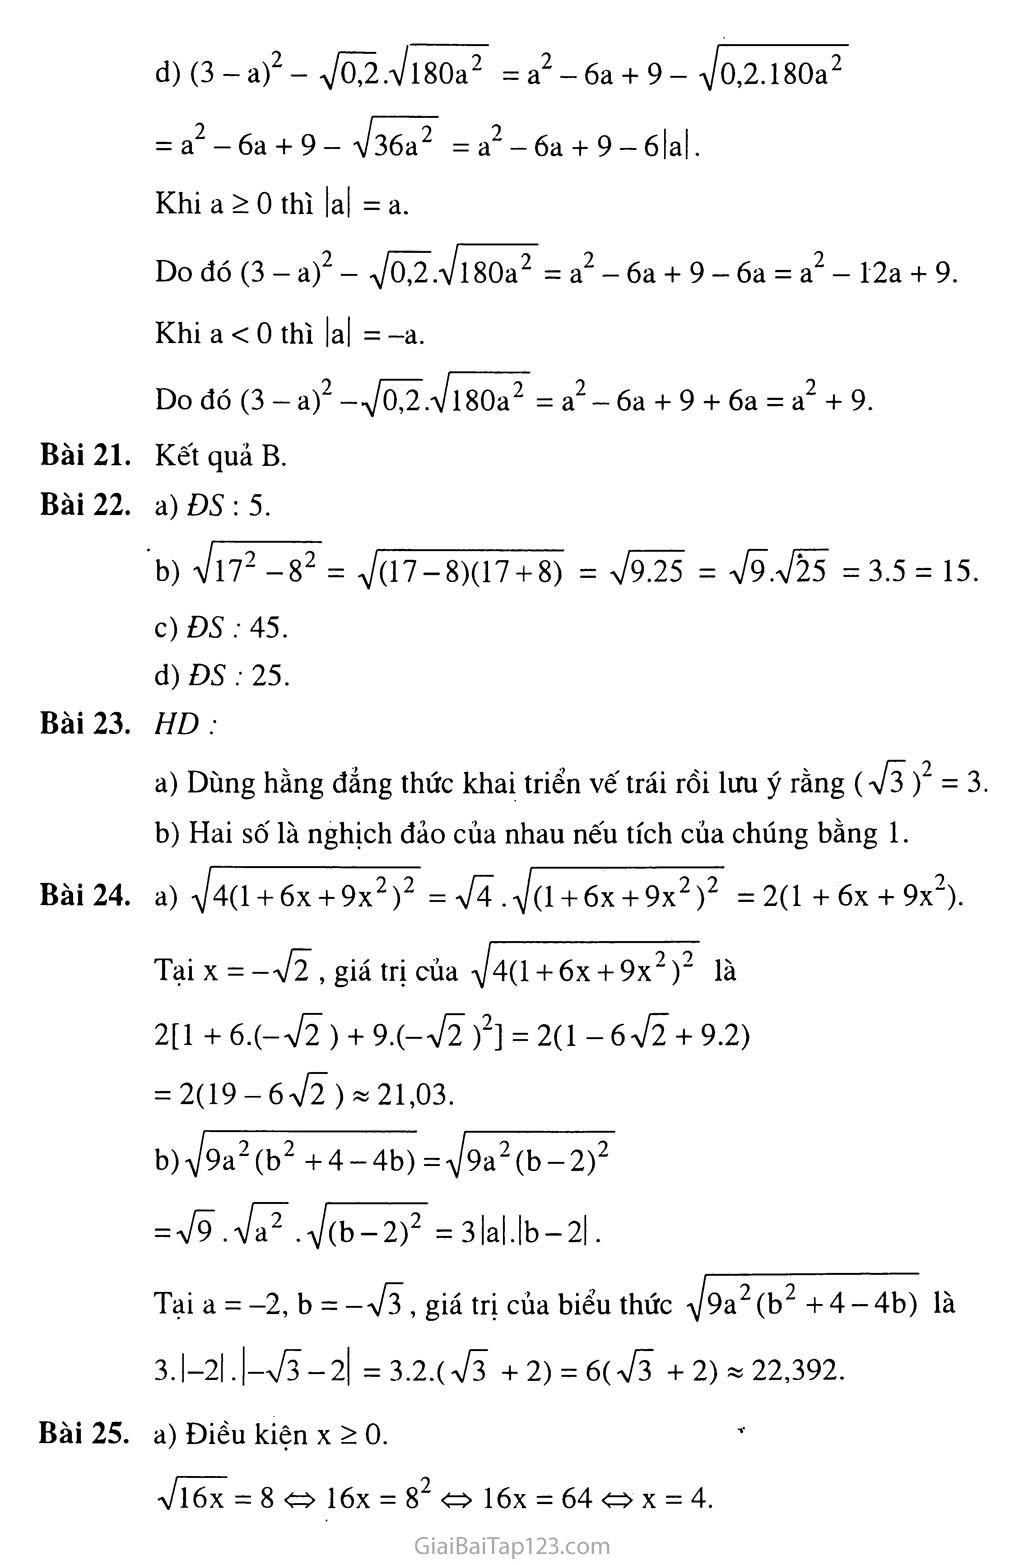 Bài 3.  Liên hệ giữa phép nhân và phép khai phương trang 4